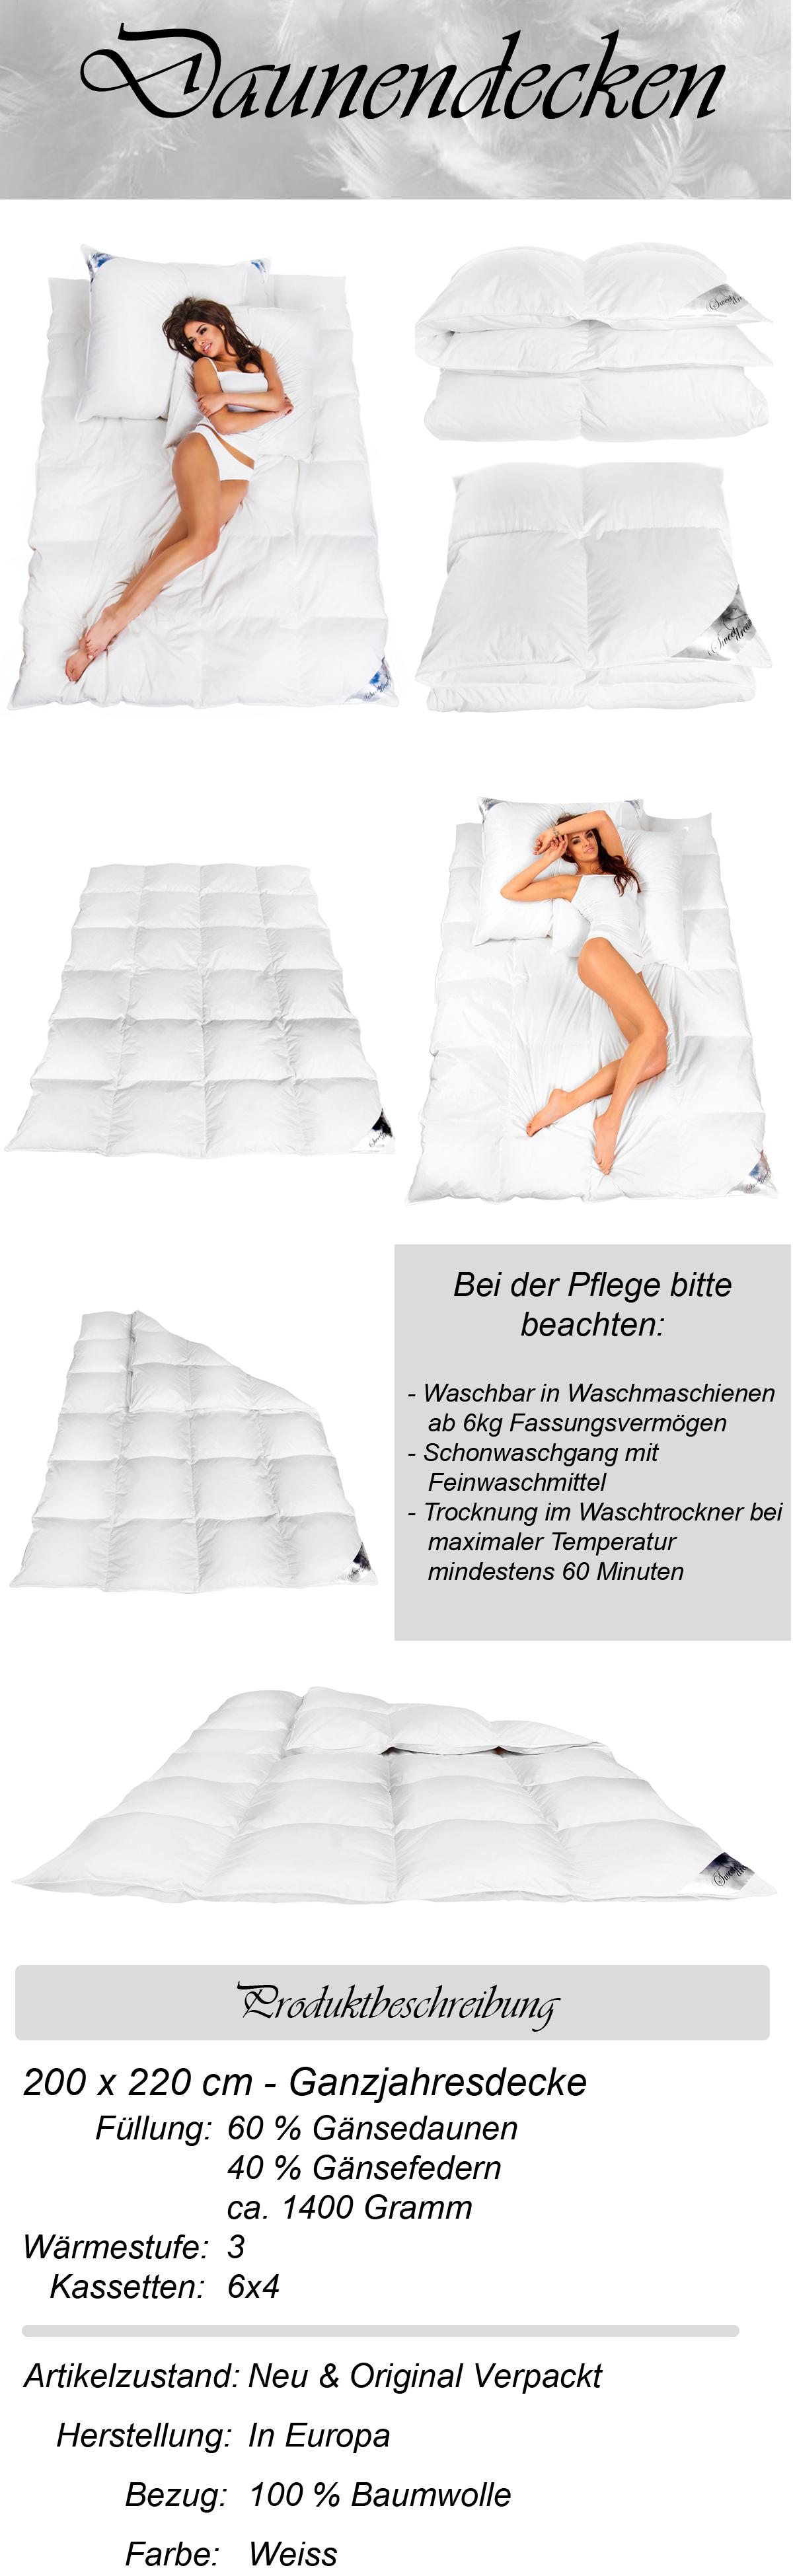 neu daunendecke ganzjahresdecke bettdecke daunen g nsedaunen 1400gr 200x220cm. Black Bedroom Furniture Sets. Home Design Ideas